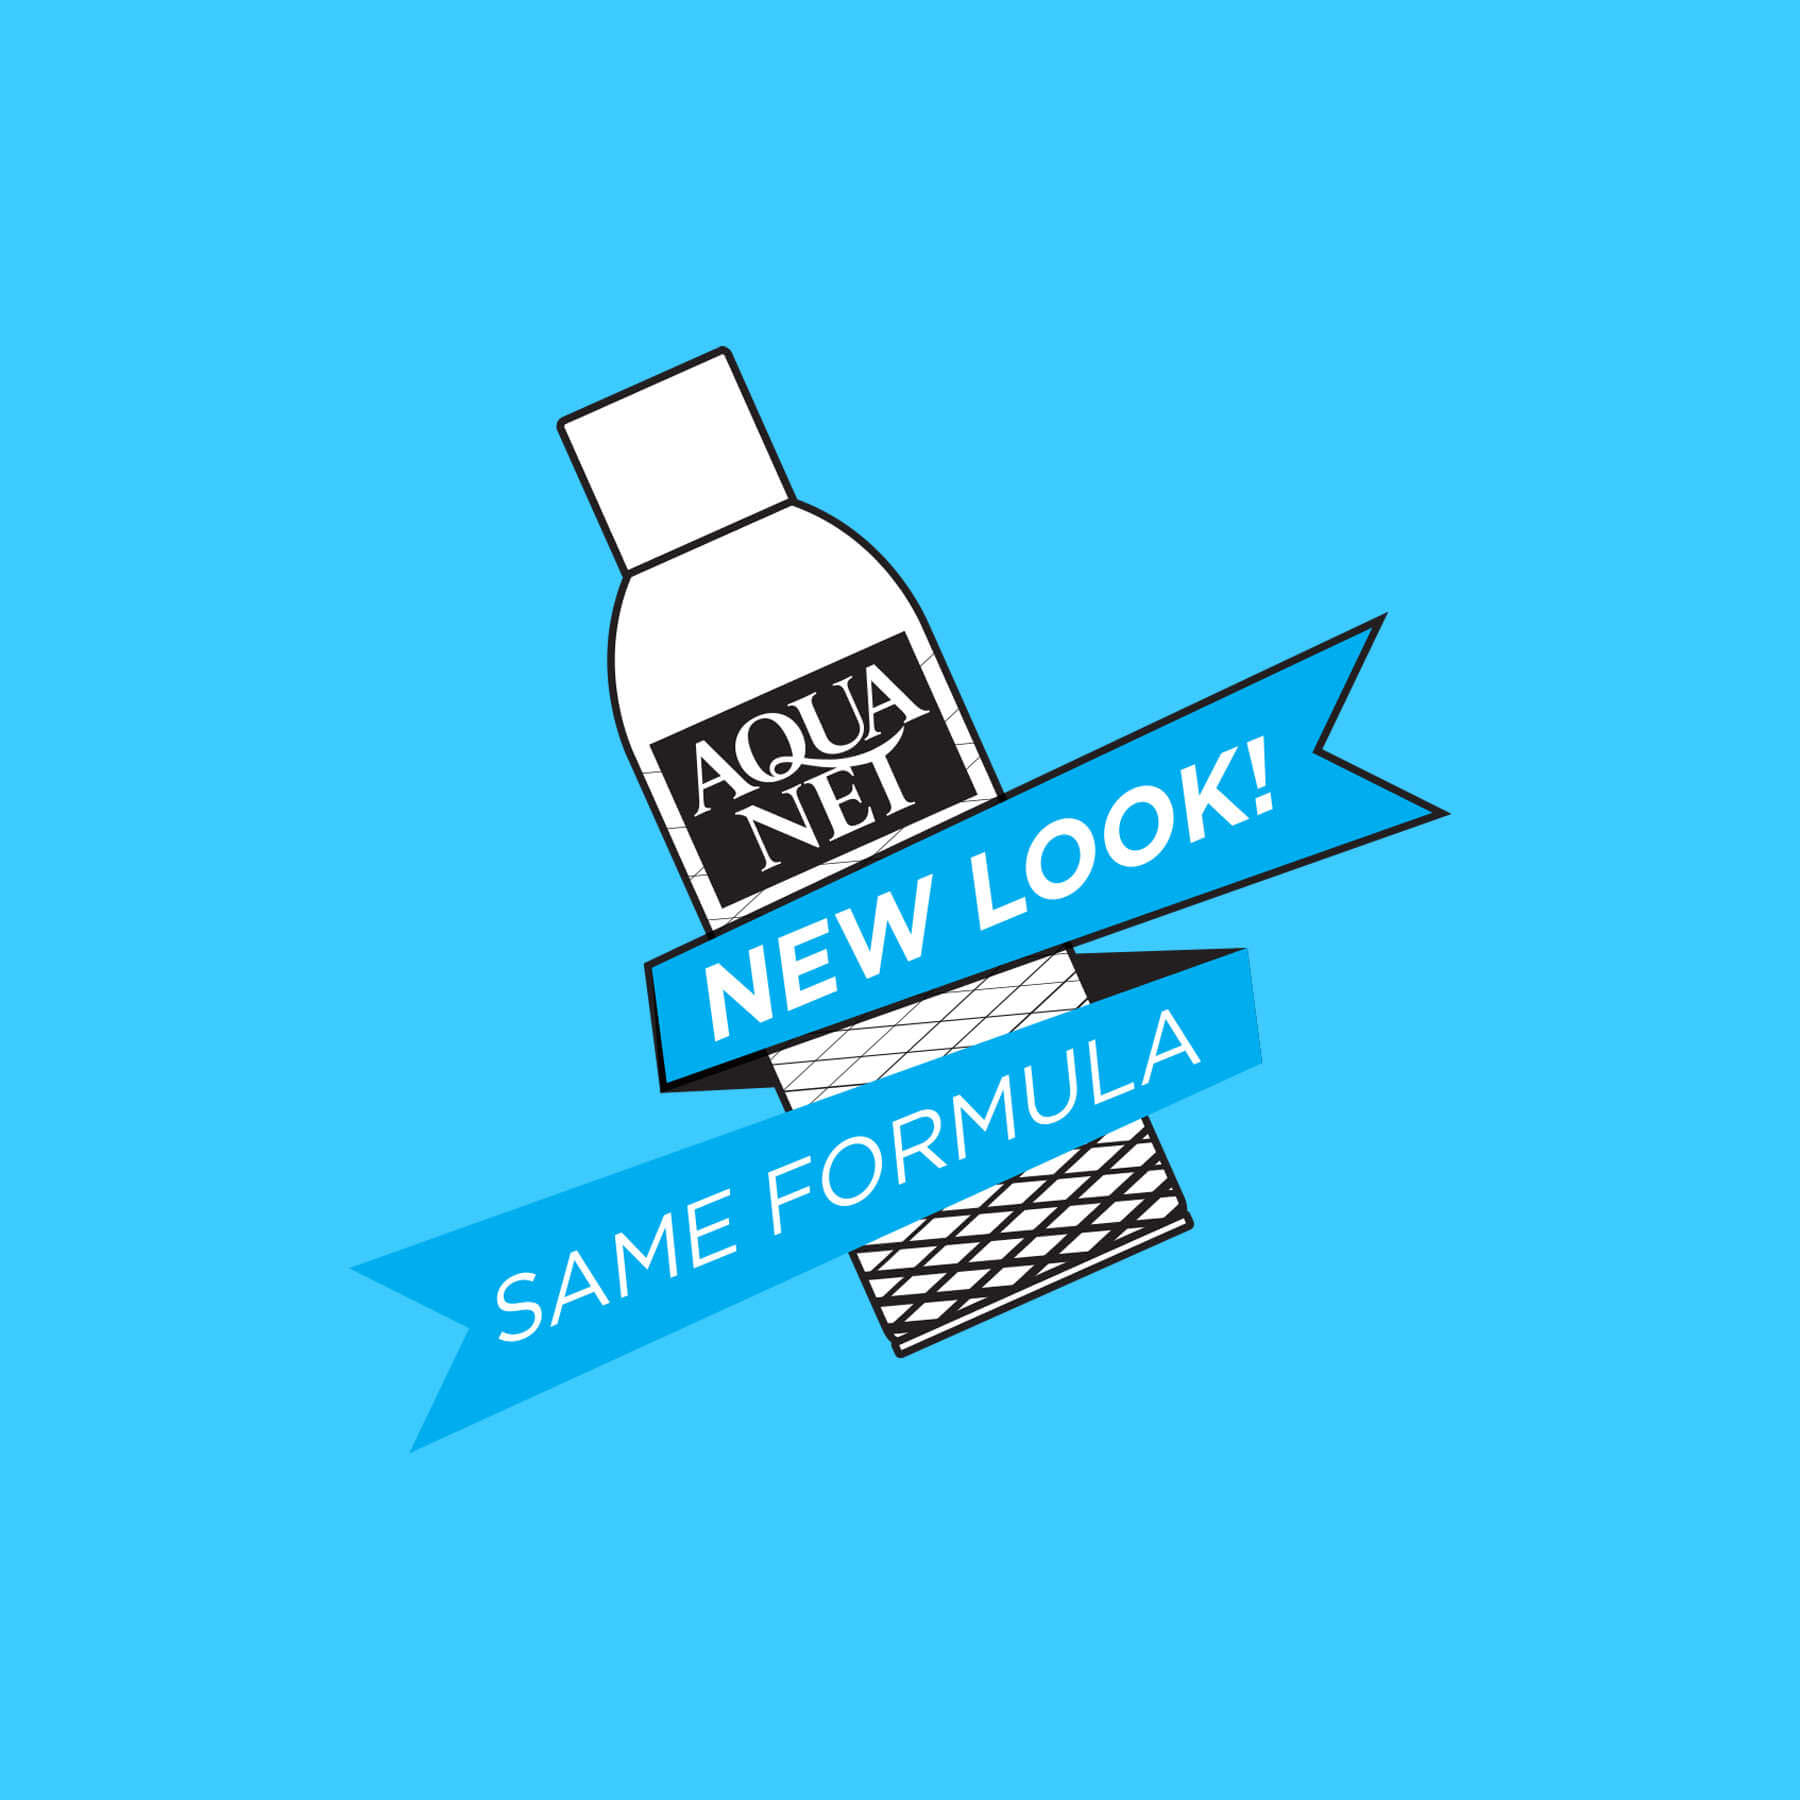 Aqua Net New Look Badge